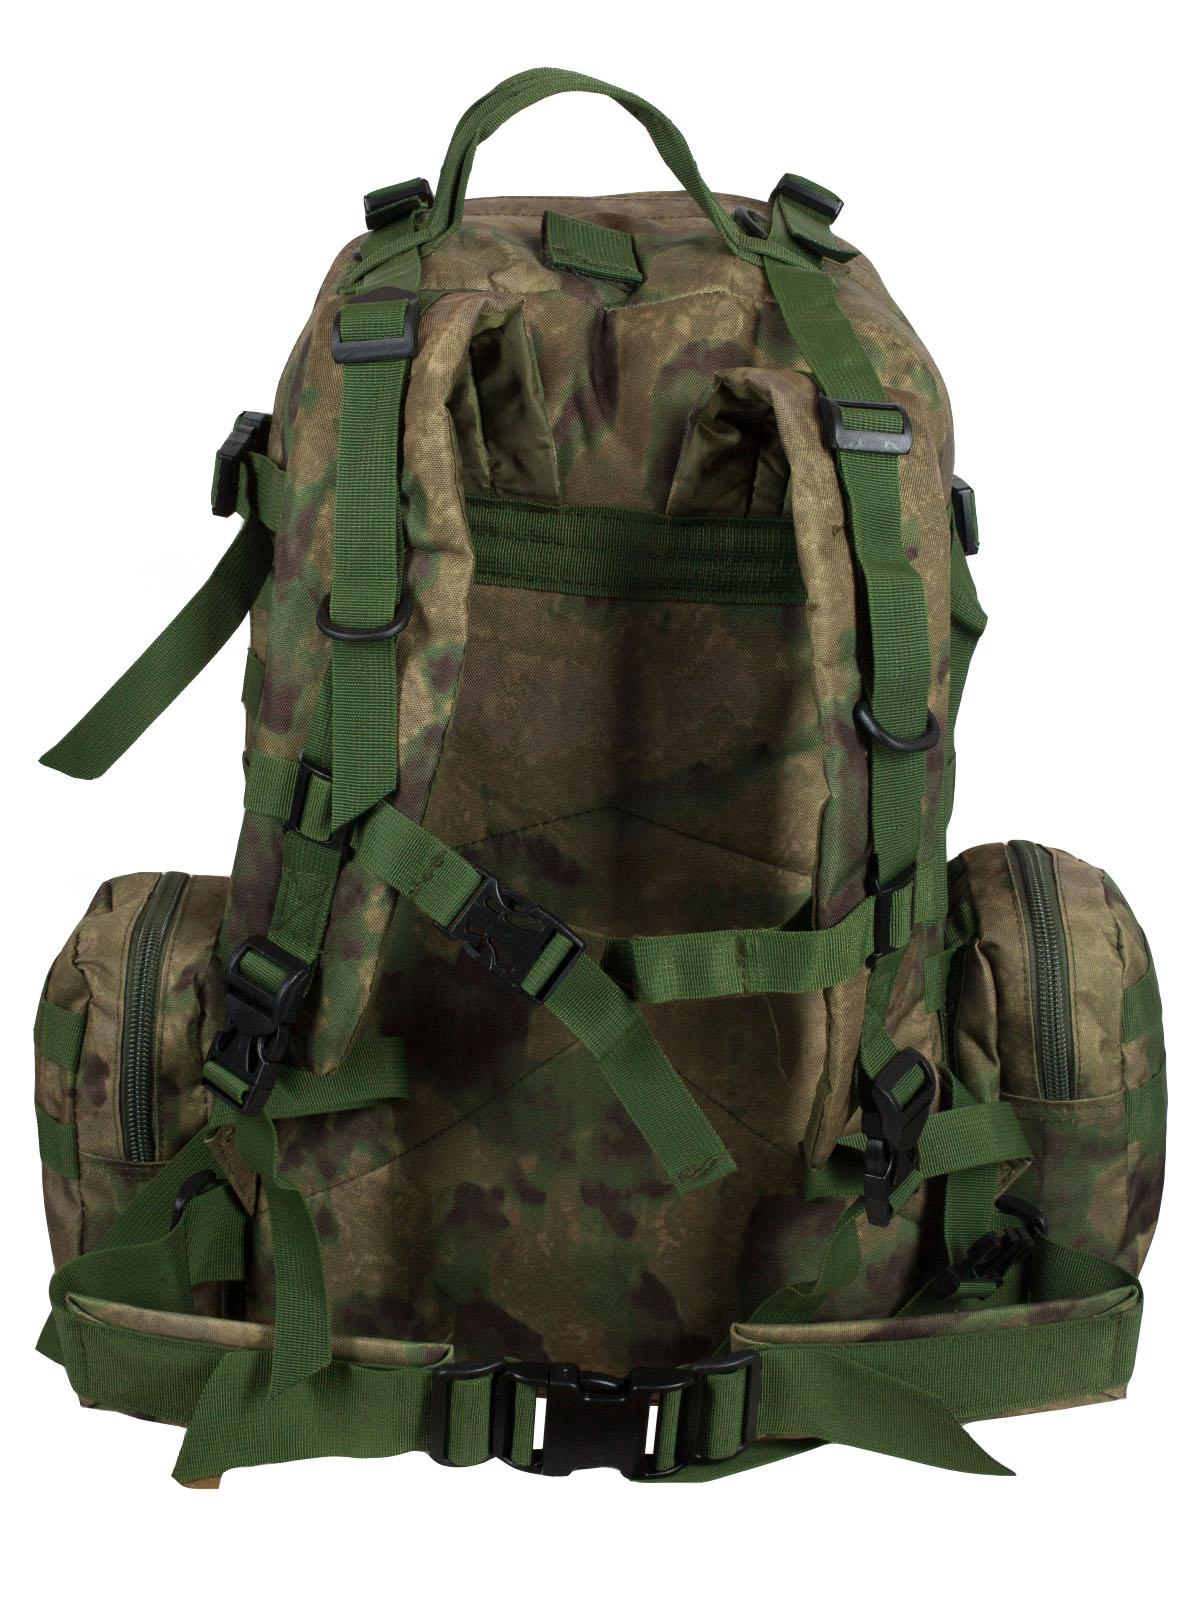 Большой тактический военный рюкзак для полевых условий с эмблемой СССР оптом в Военпро